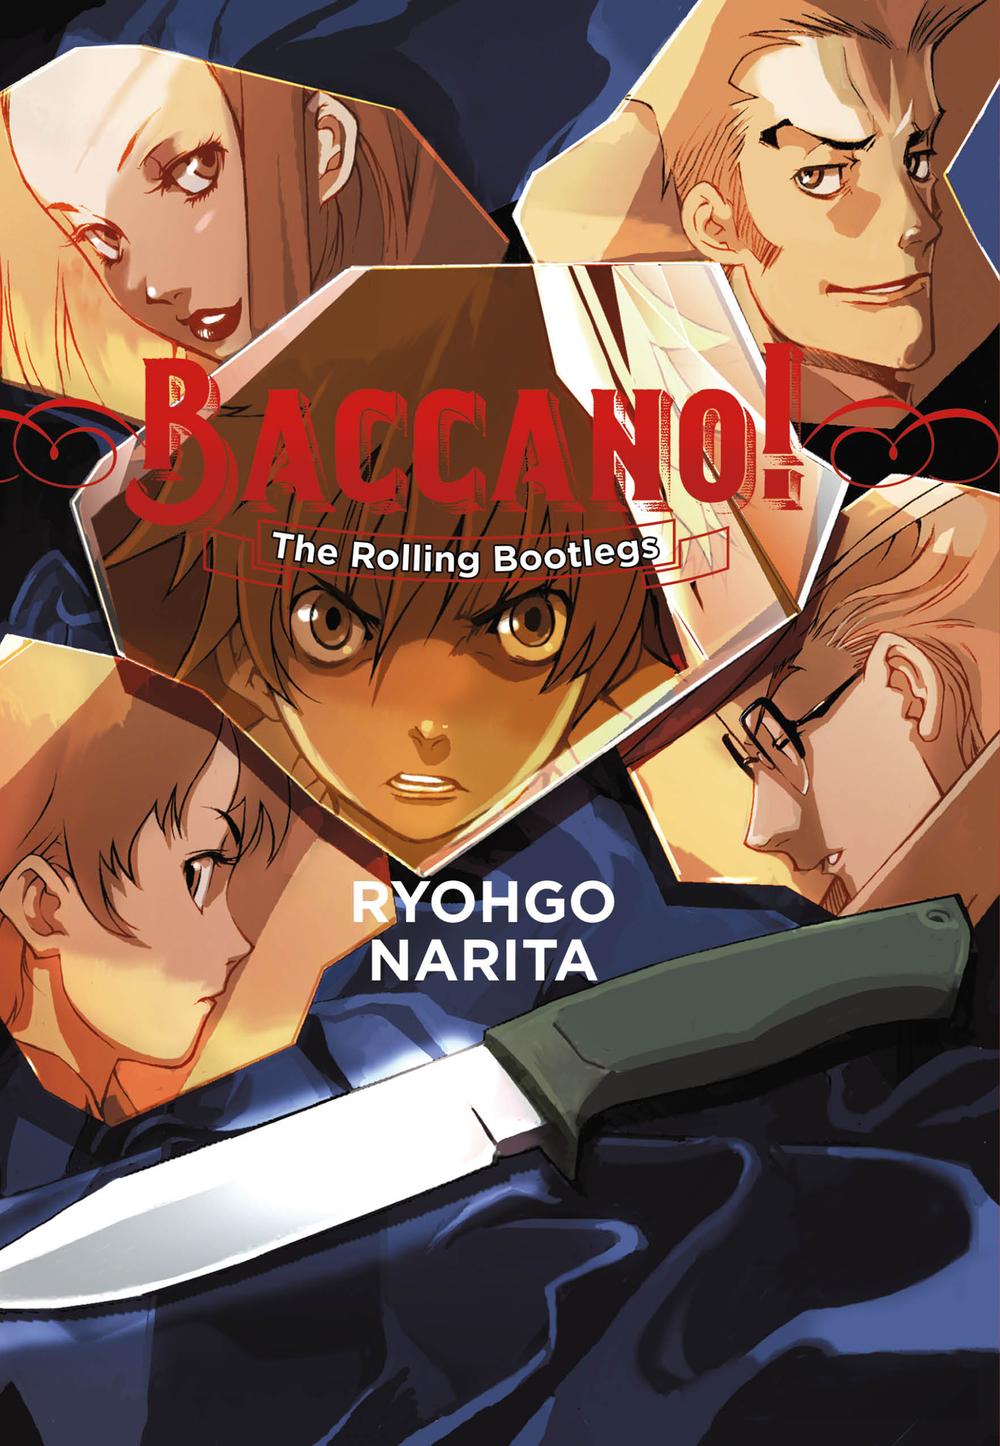 Narita_BaccanoV1_Prose_TP.jpg